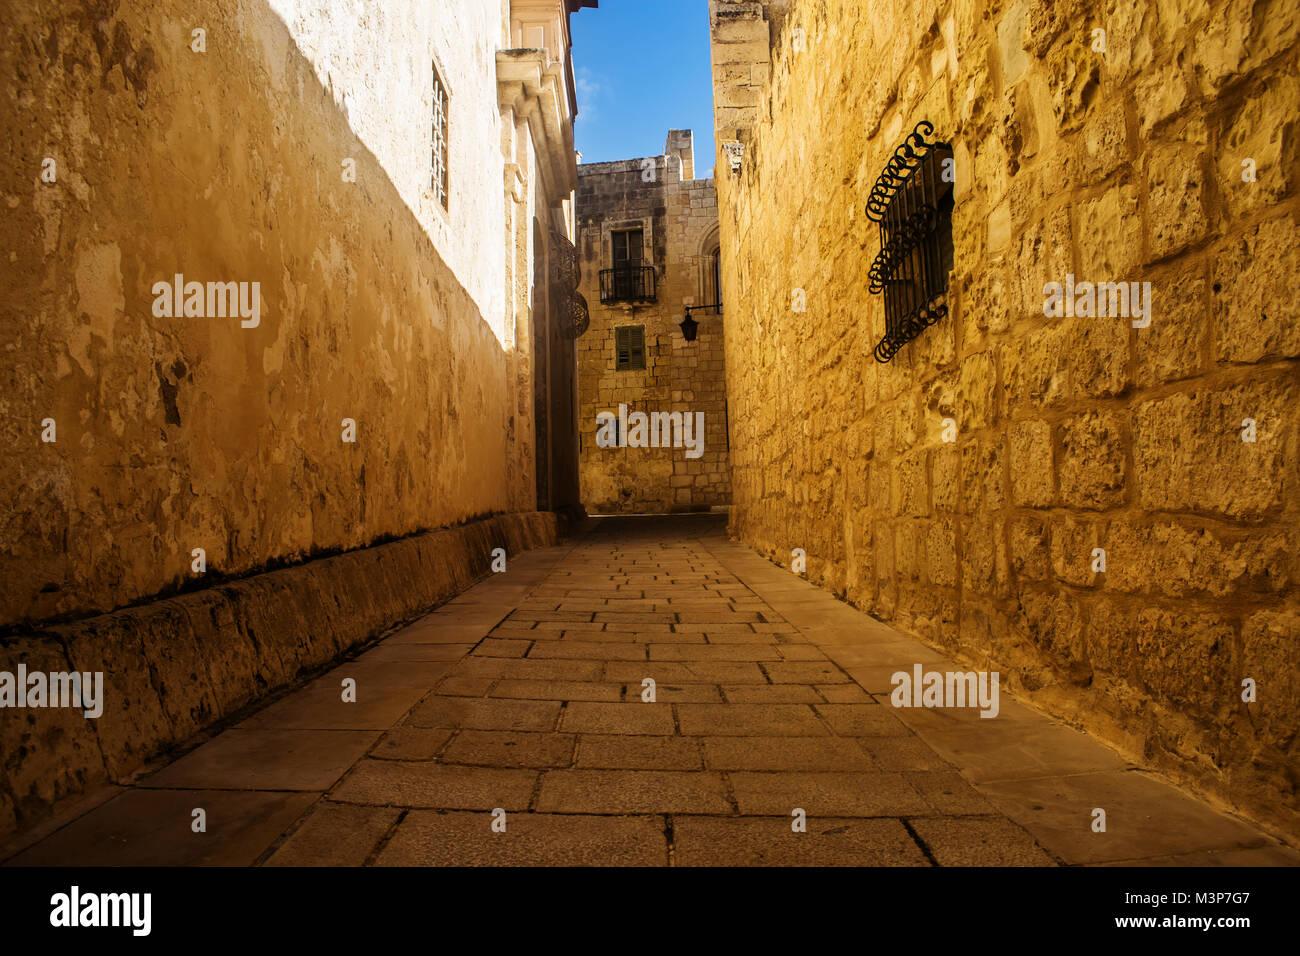 Einer typischen schmalen und historische Straße mit Kopfsteinpflaster Wände in Mdina, Malta. Stockbild